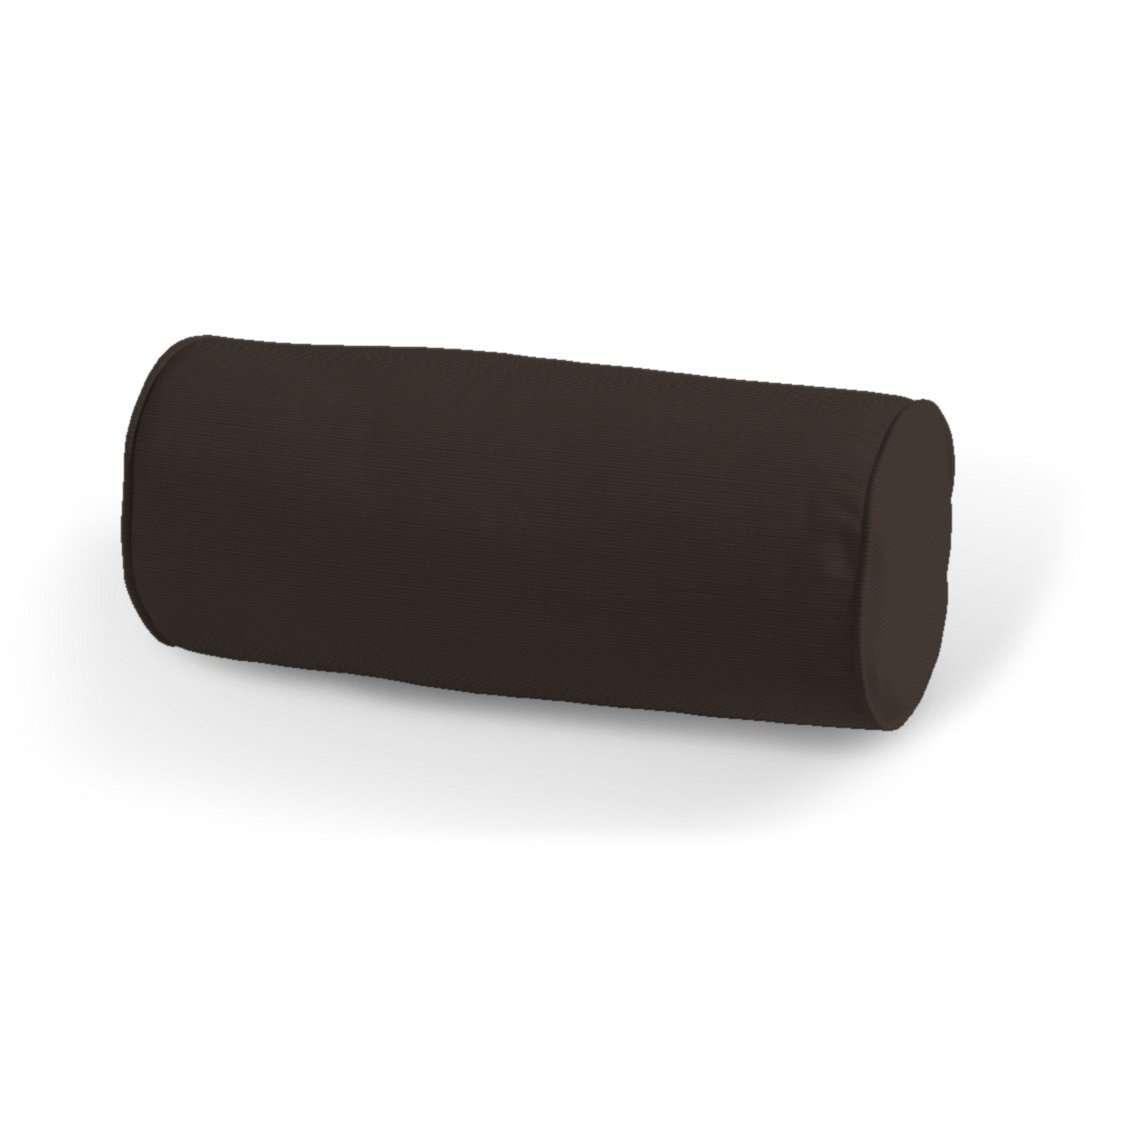 Ritinio formos  pagalvėlės užvalkalas Ø 16 x 40 cm (6 x 16 inch) kolekcijoje Cotton Panama, audinys: 702-03